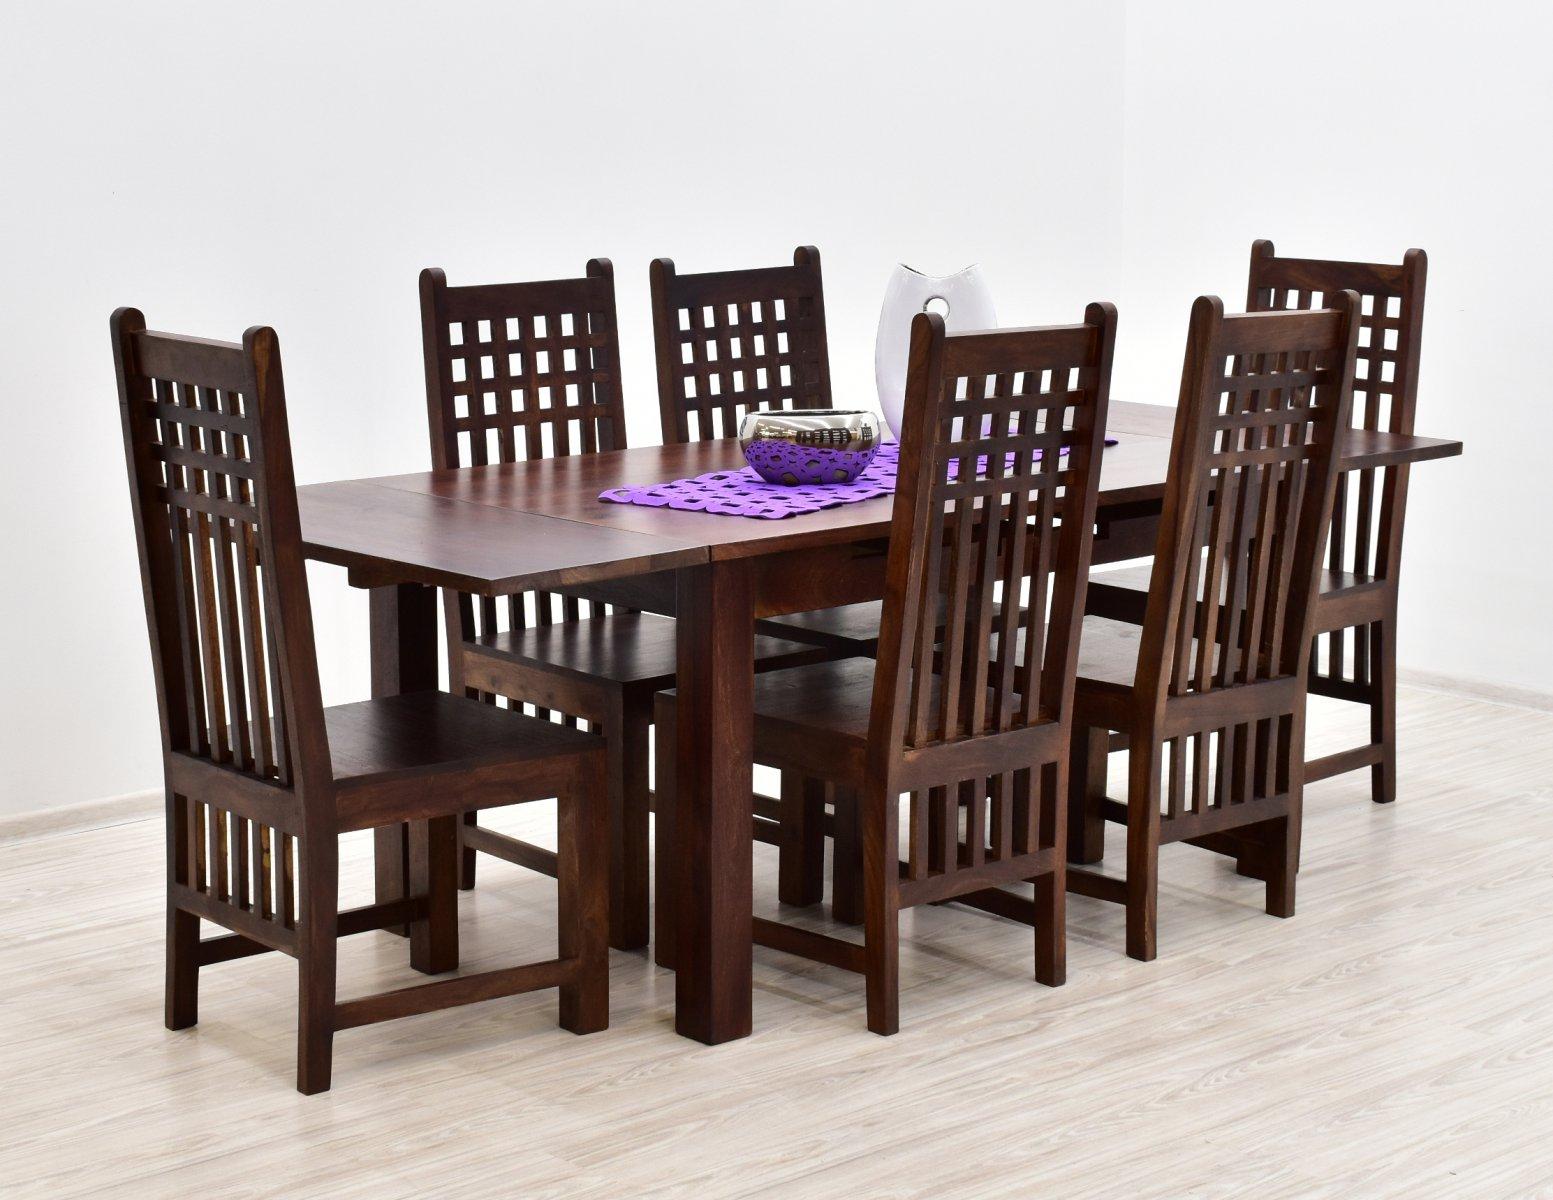 Komplet obiadowy kolonialny stol rozkladany 6 krzesel lite drewno palisander indyjski ciemny braz (17)